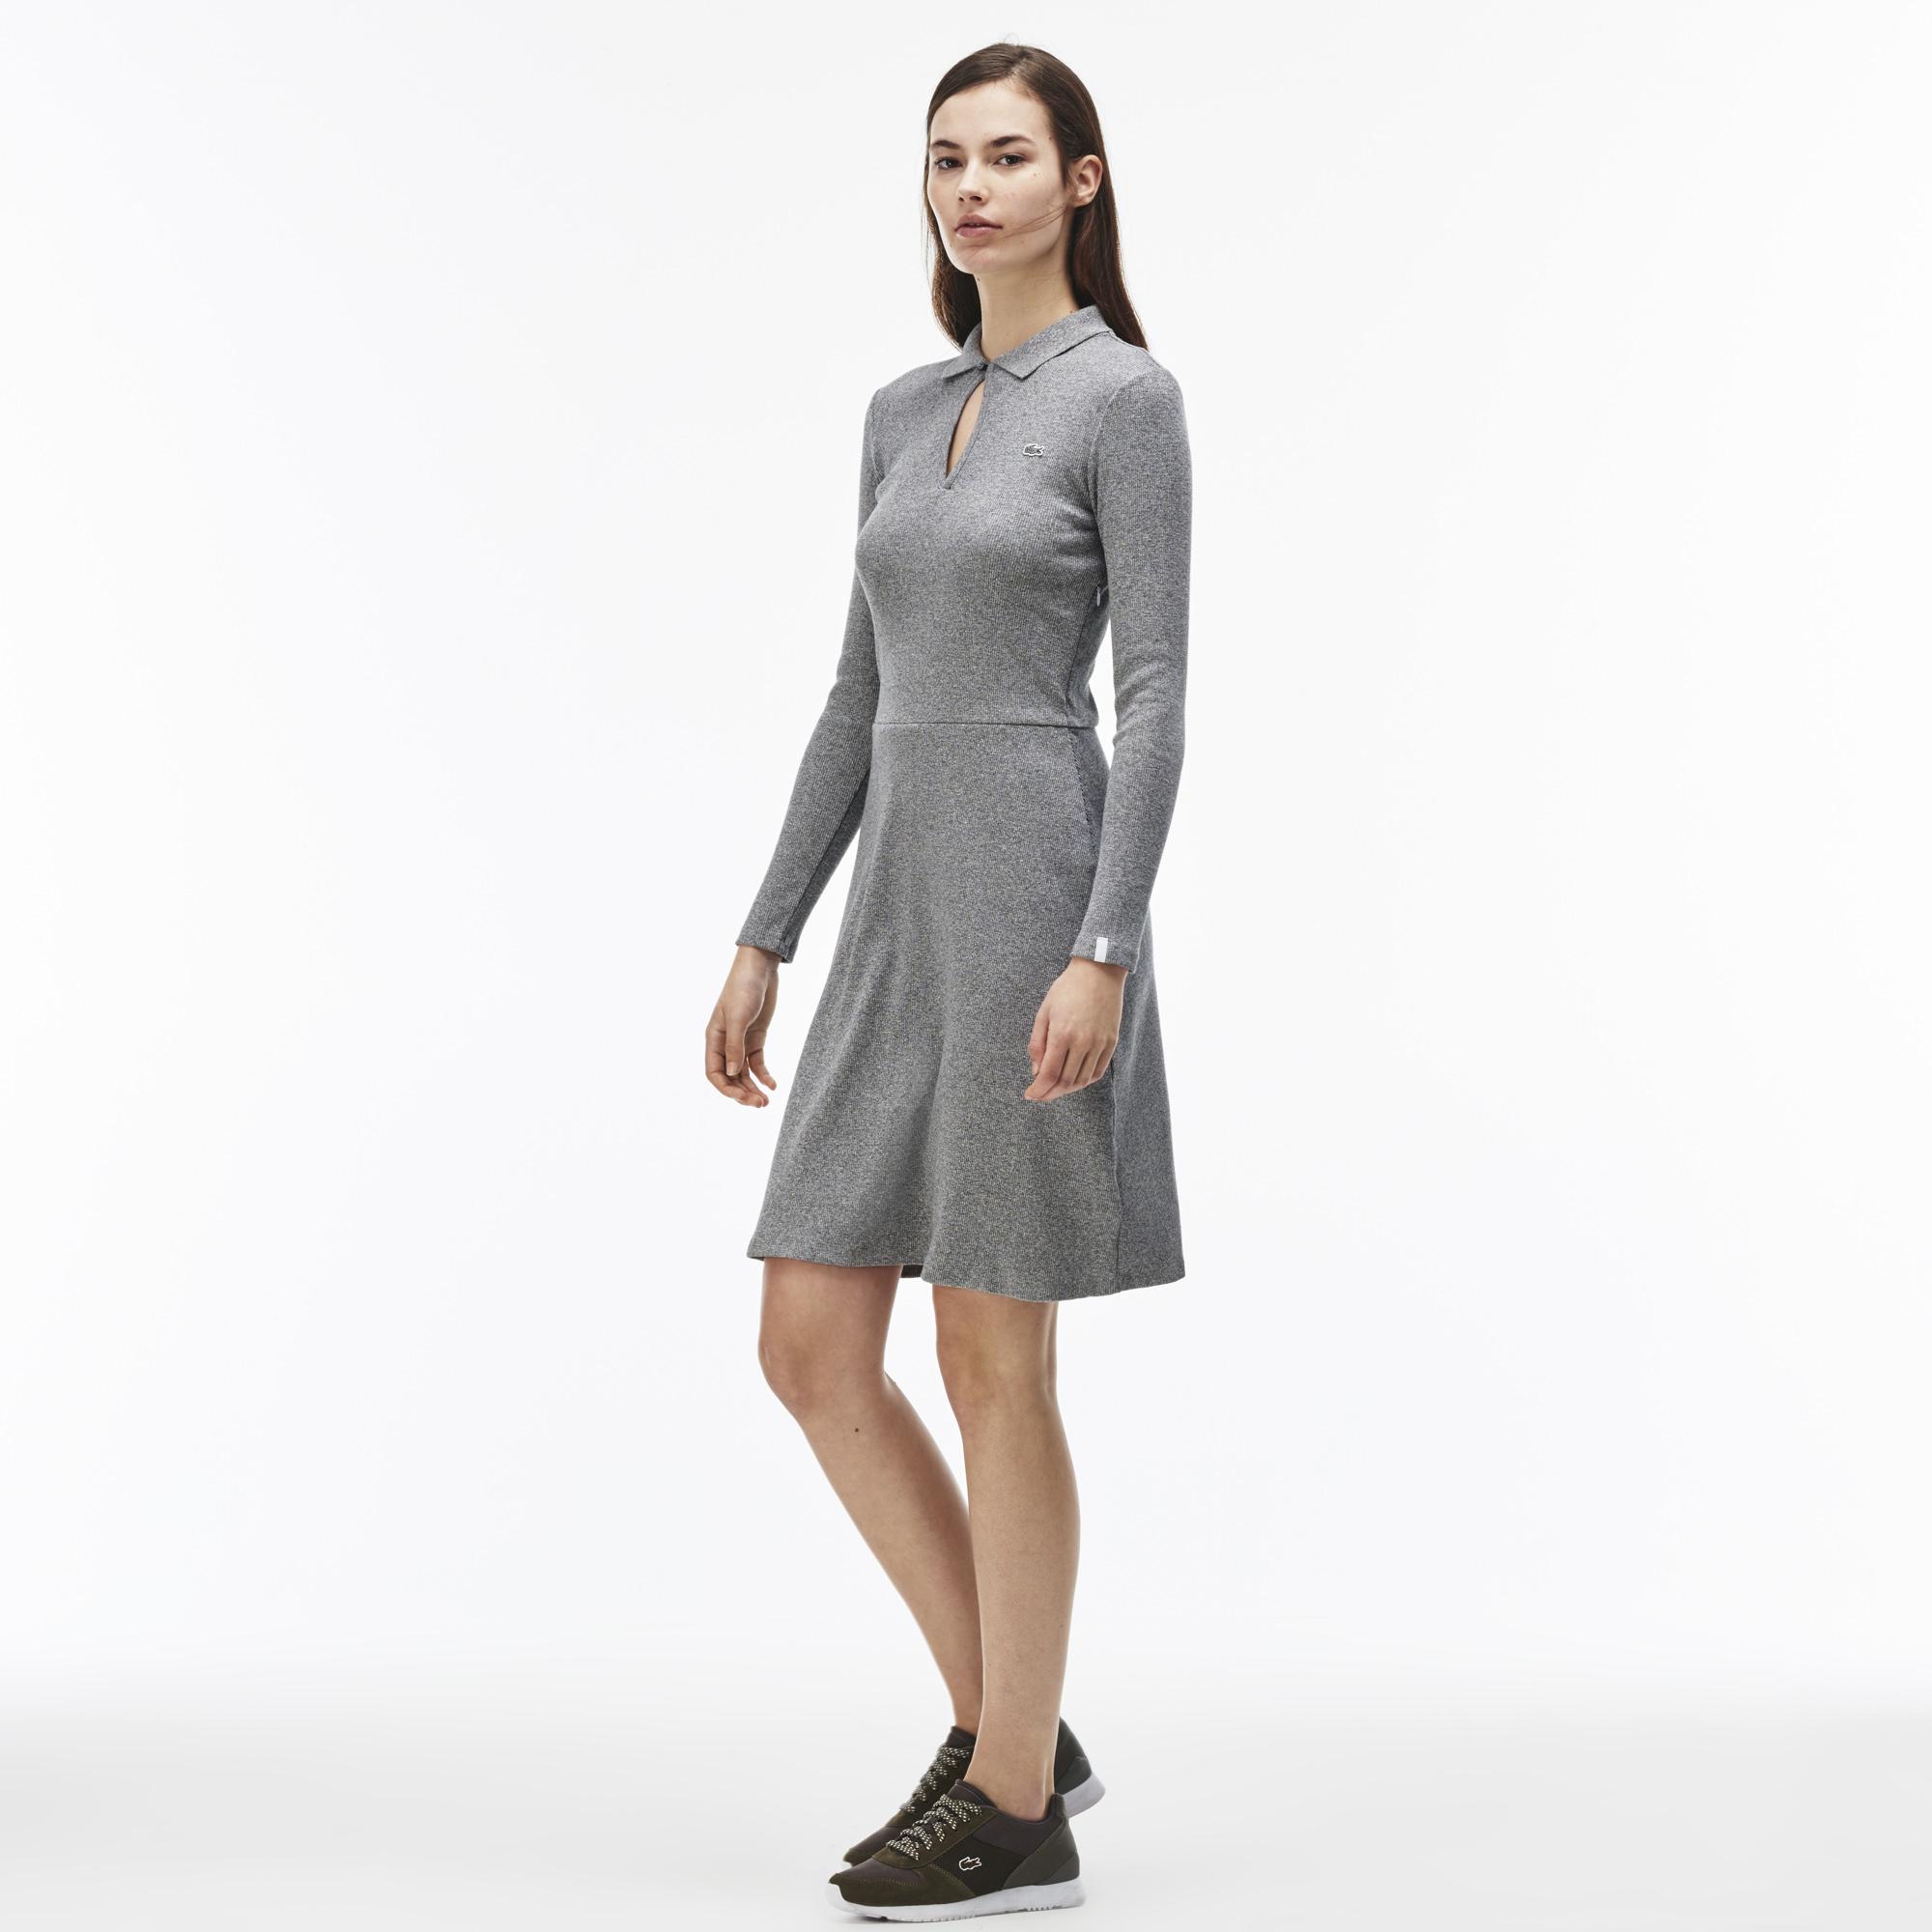 Платье LacosteПлатья и юбки<br>Детали: воротничок  \ Материал: 100% хлопок \ Страна производства: Китай